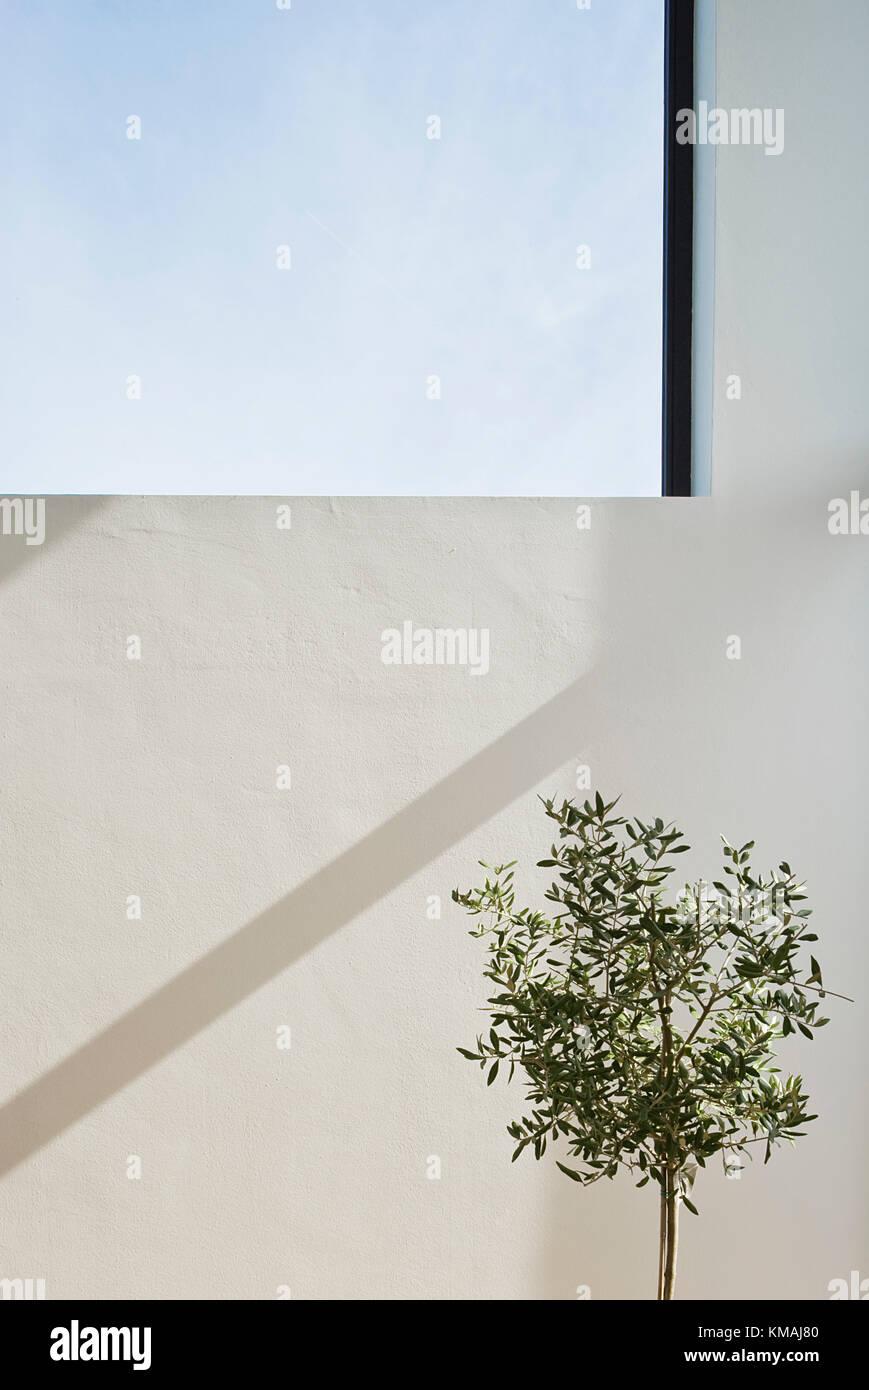 Haus, Familie, Hannover, Neubau, Design, modern, Fenster, Detail, innen - Stock Image